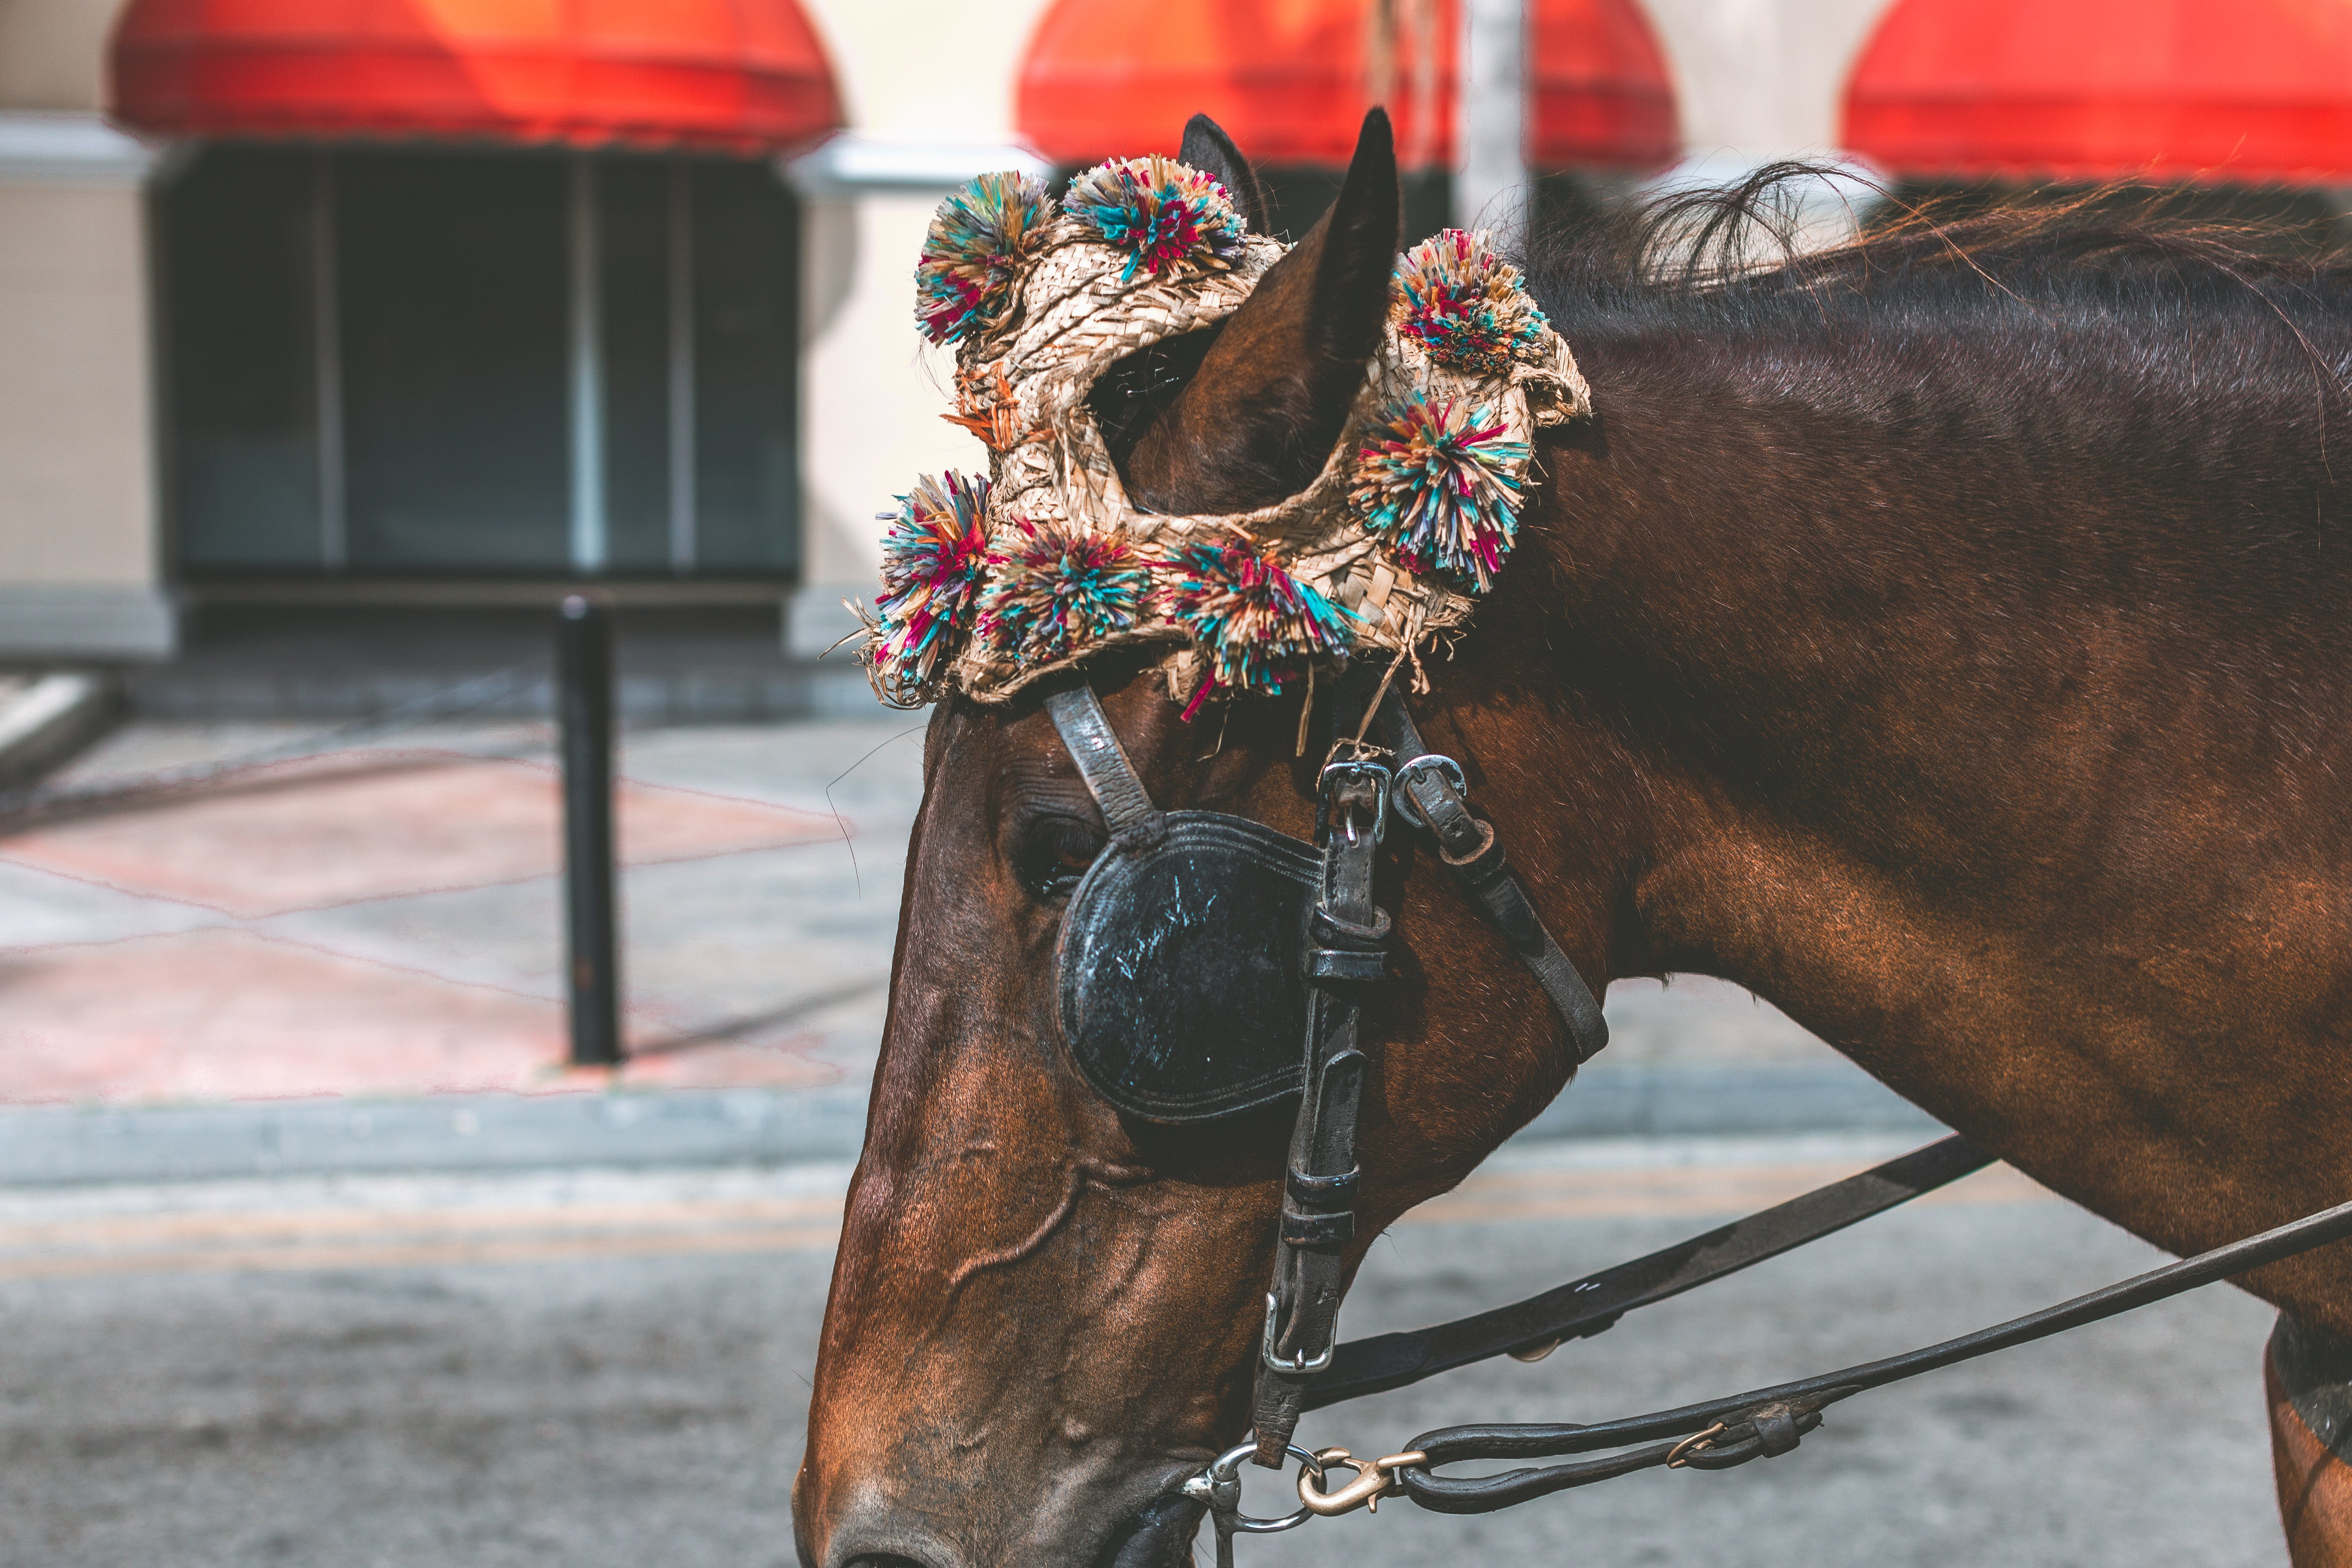 Kostenloses Stock Foto zu bahamas, braunes pferd, fashion, hut